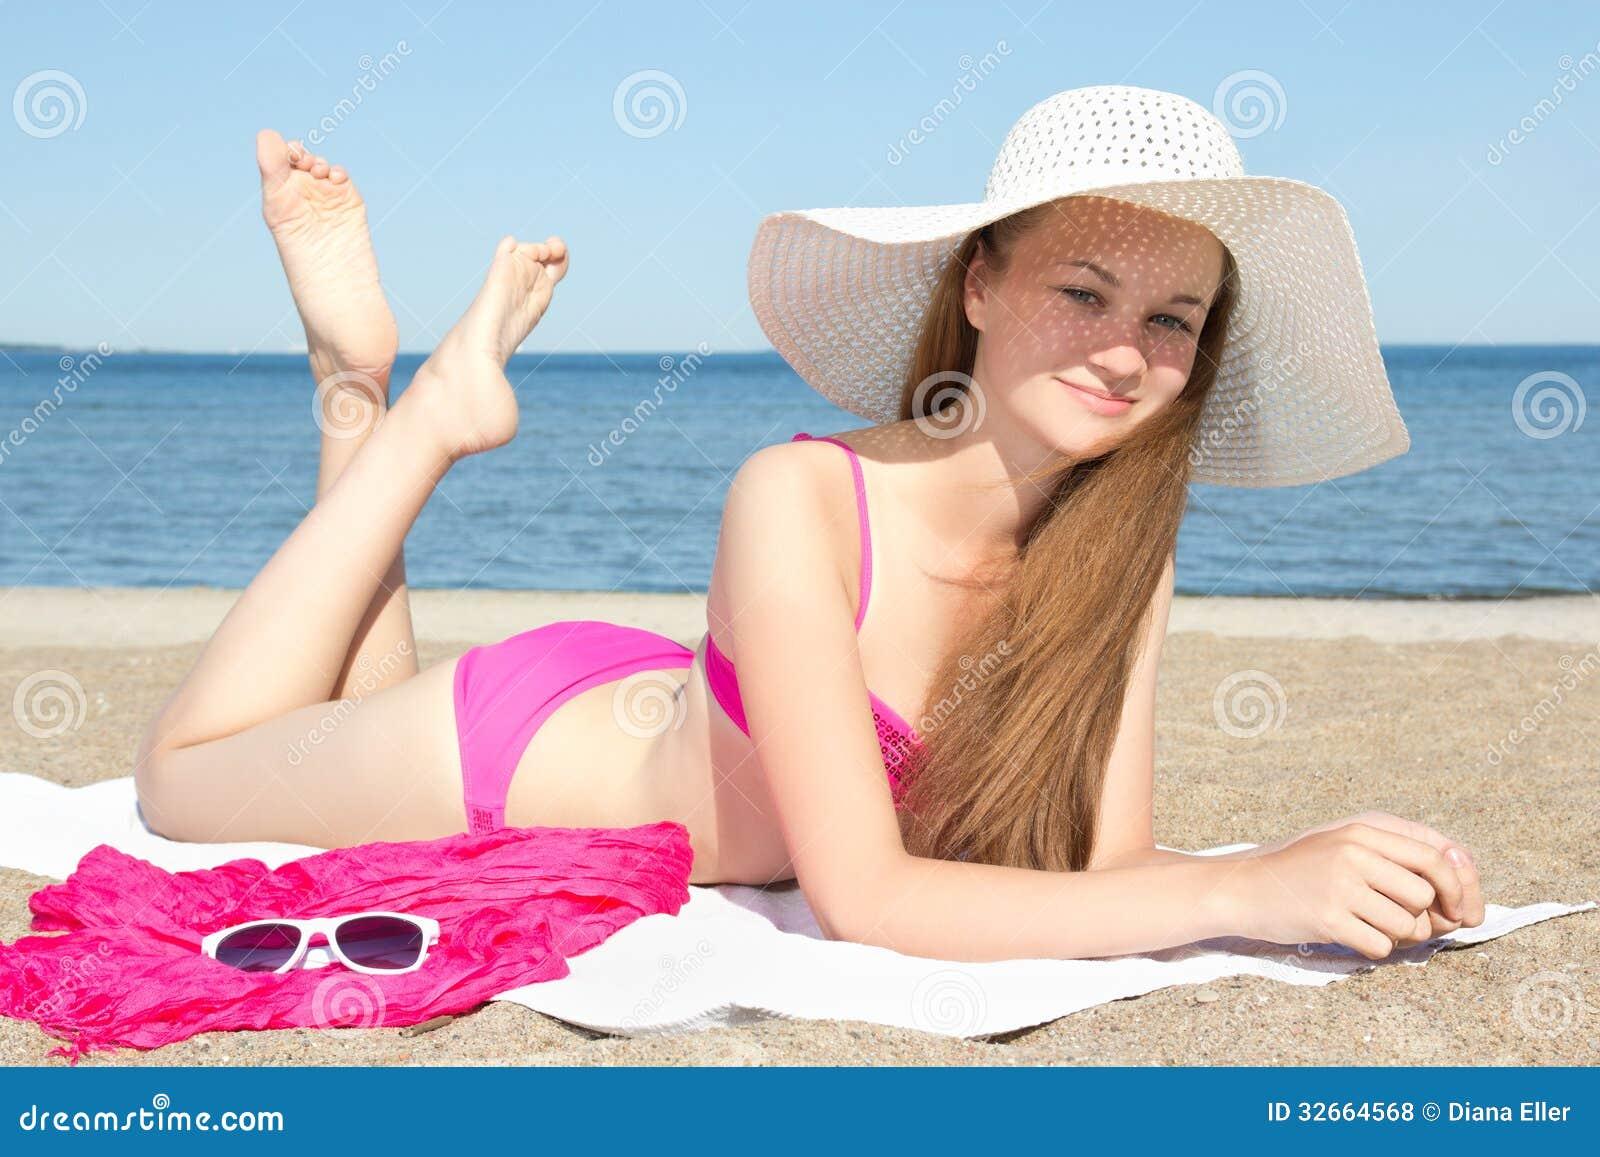 Hot older womwn in bikinis